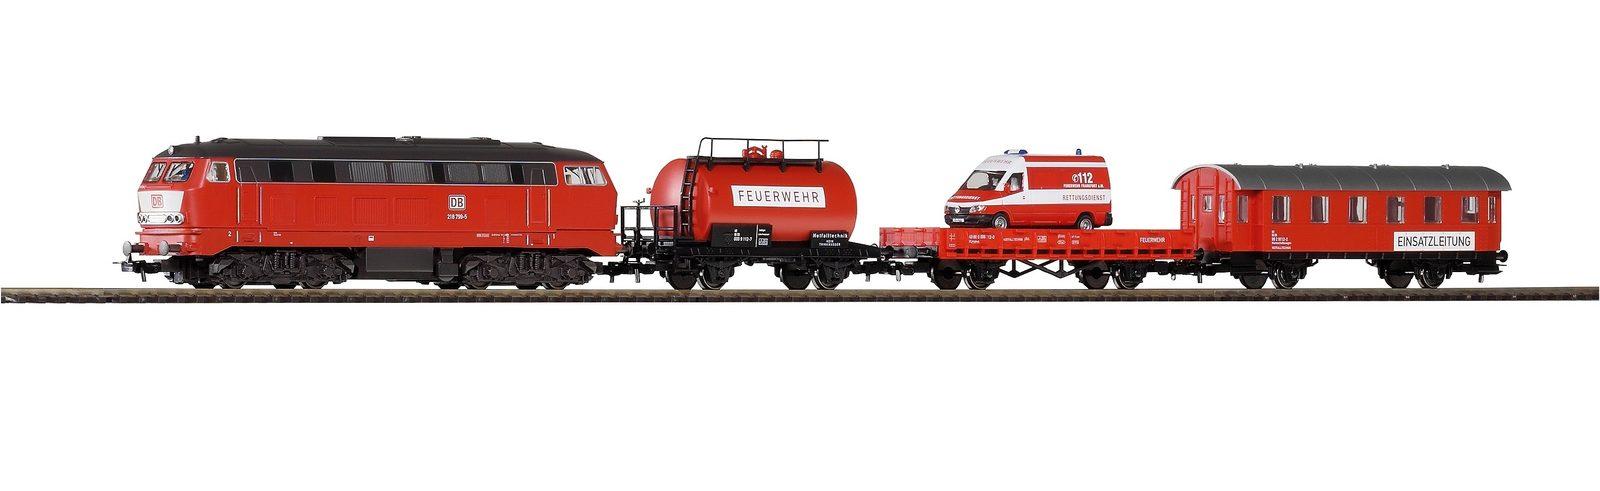 PIKO Modelleisenbahn Startpaket, »Start-Set Feuerwehr - Gleichstrom« Spur H0 - broschei